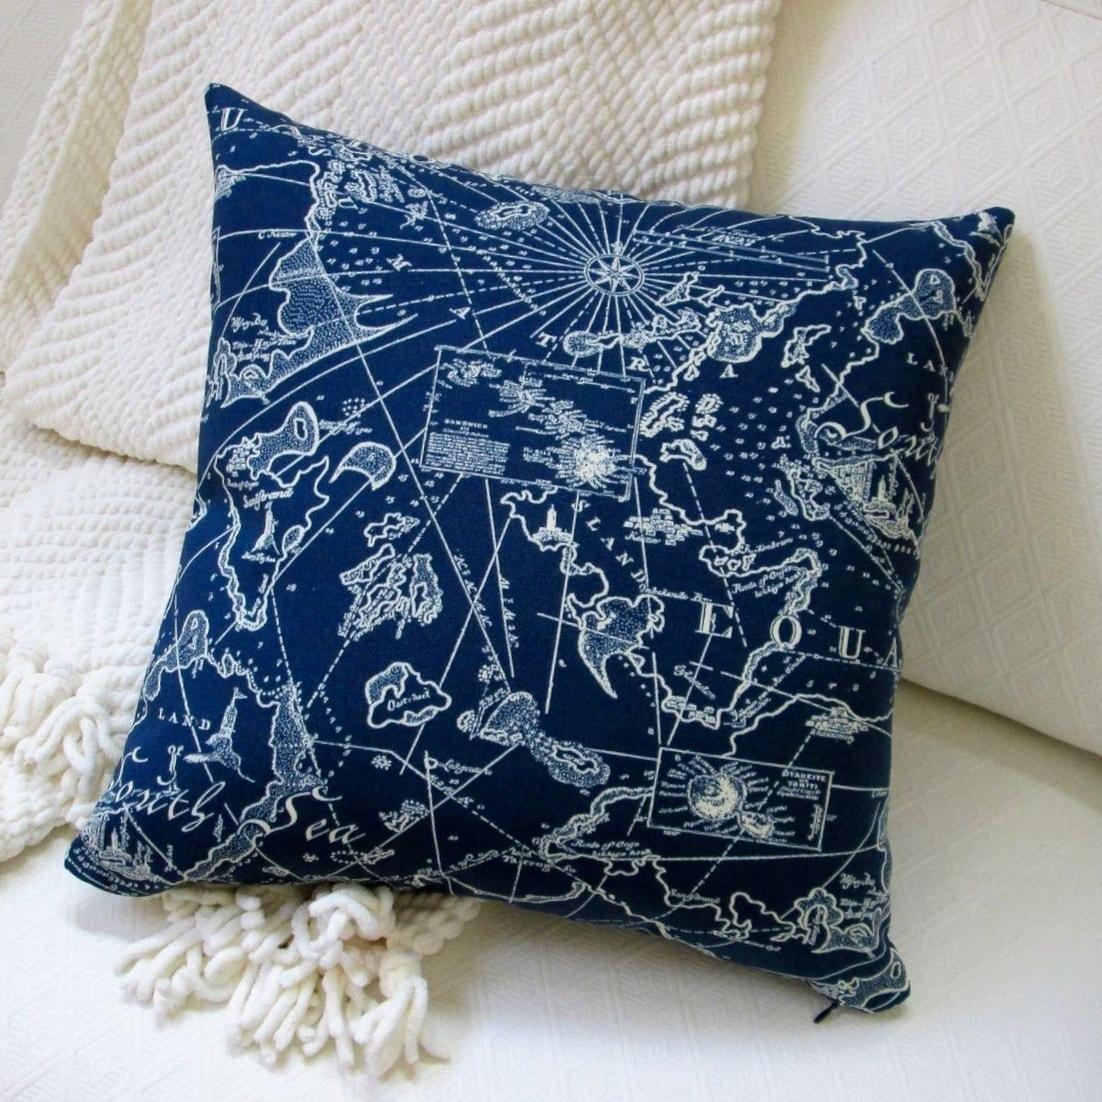 Shop Artisan Pillows 18 Inch Indoor Outdoor Coastal Beach Home